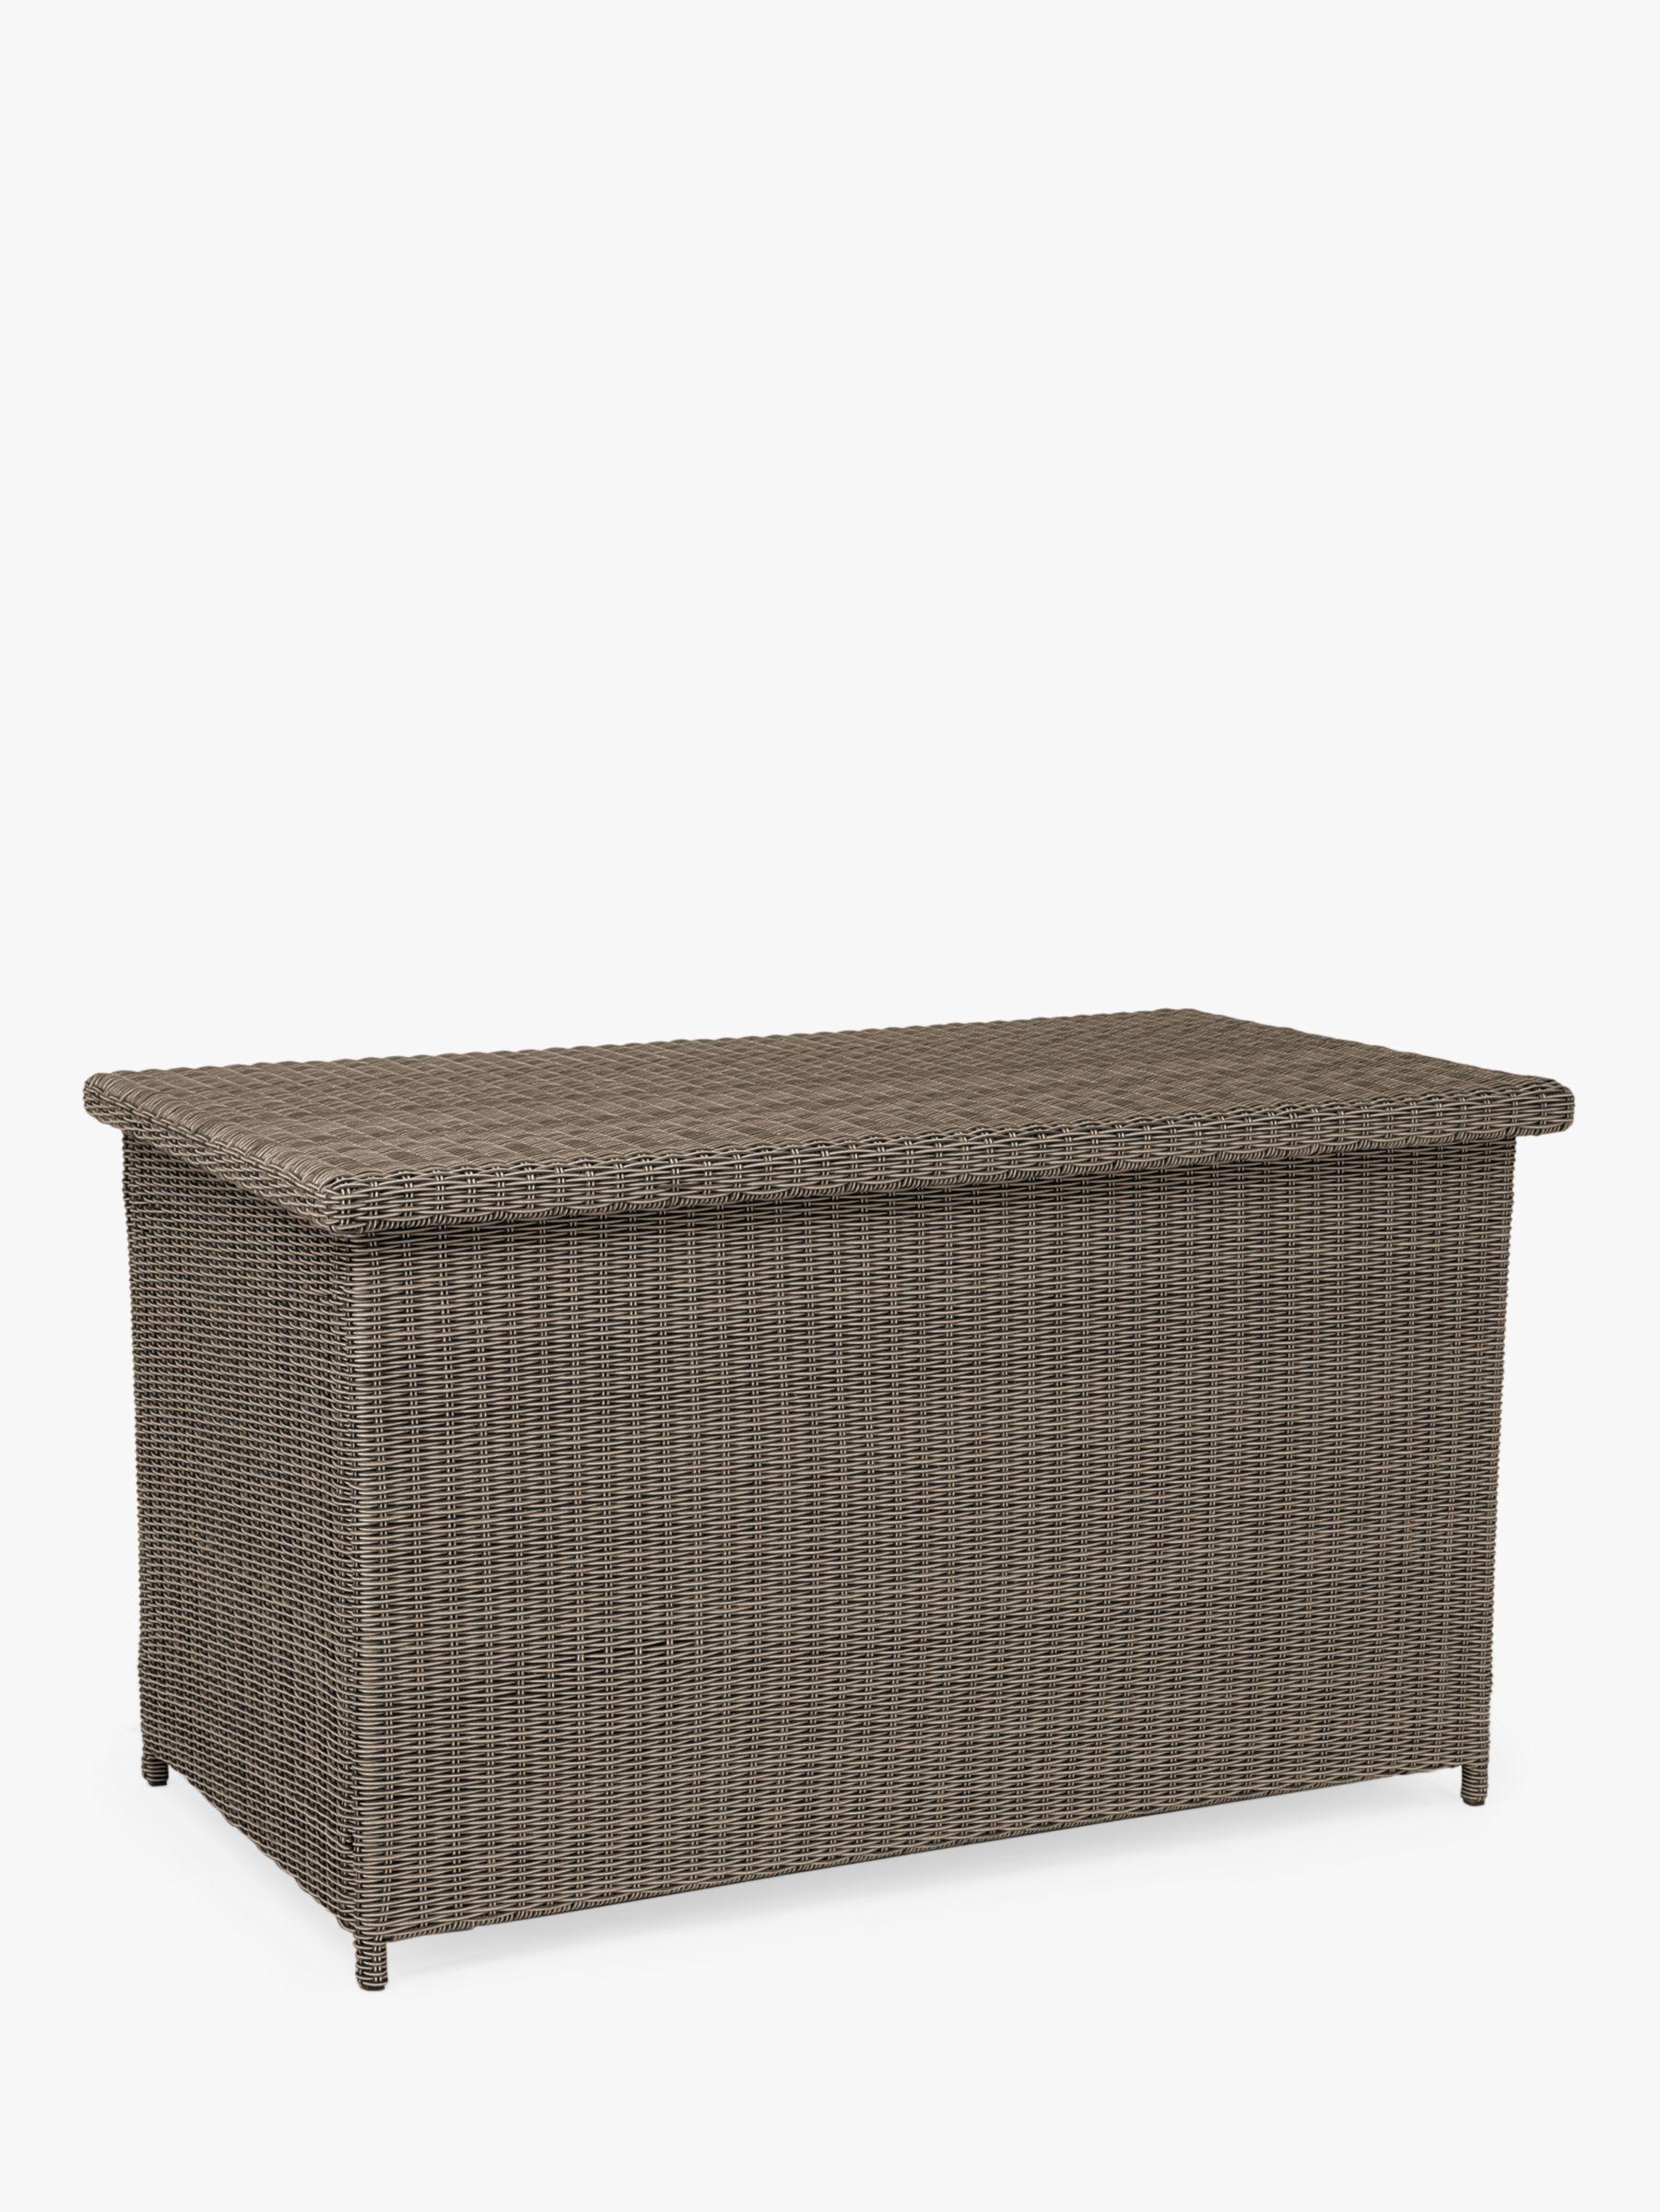 KETTLER Palma Garden Cushion Storage Box